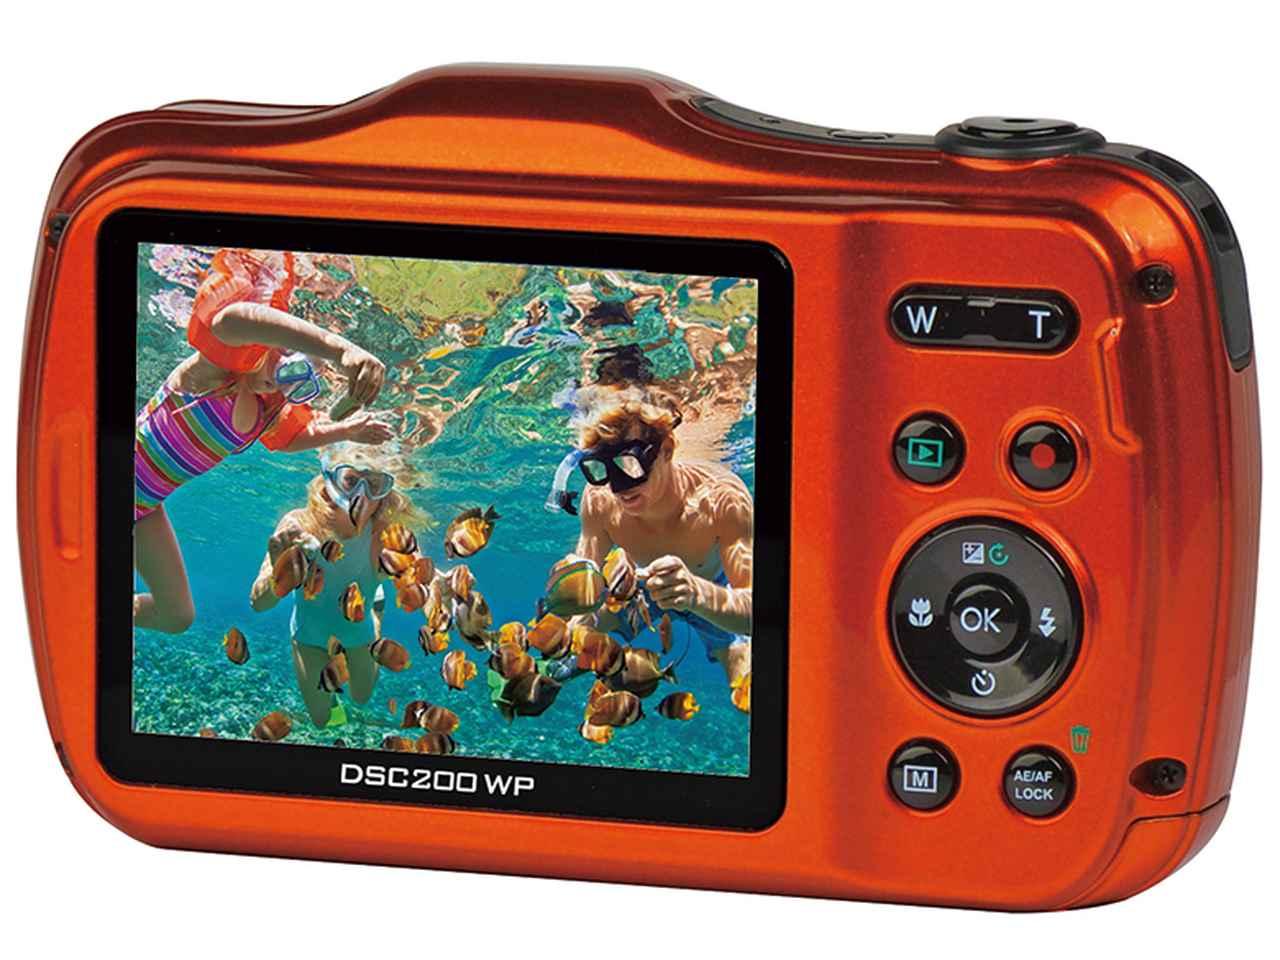 画像2: 防水・防塵・耐衝撃性能を備えたアウトドア用コンパクトデジカメ